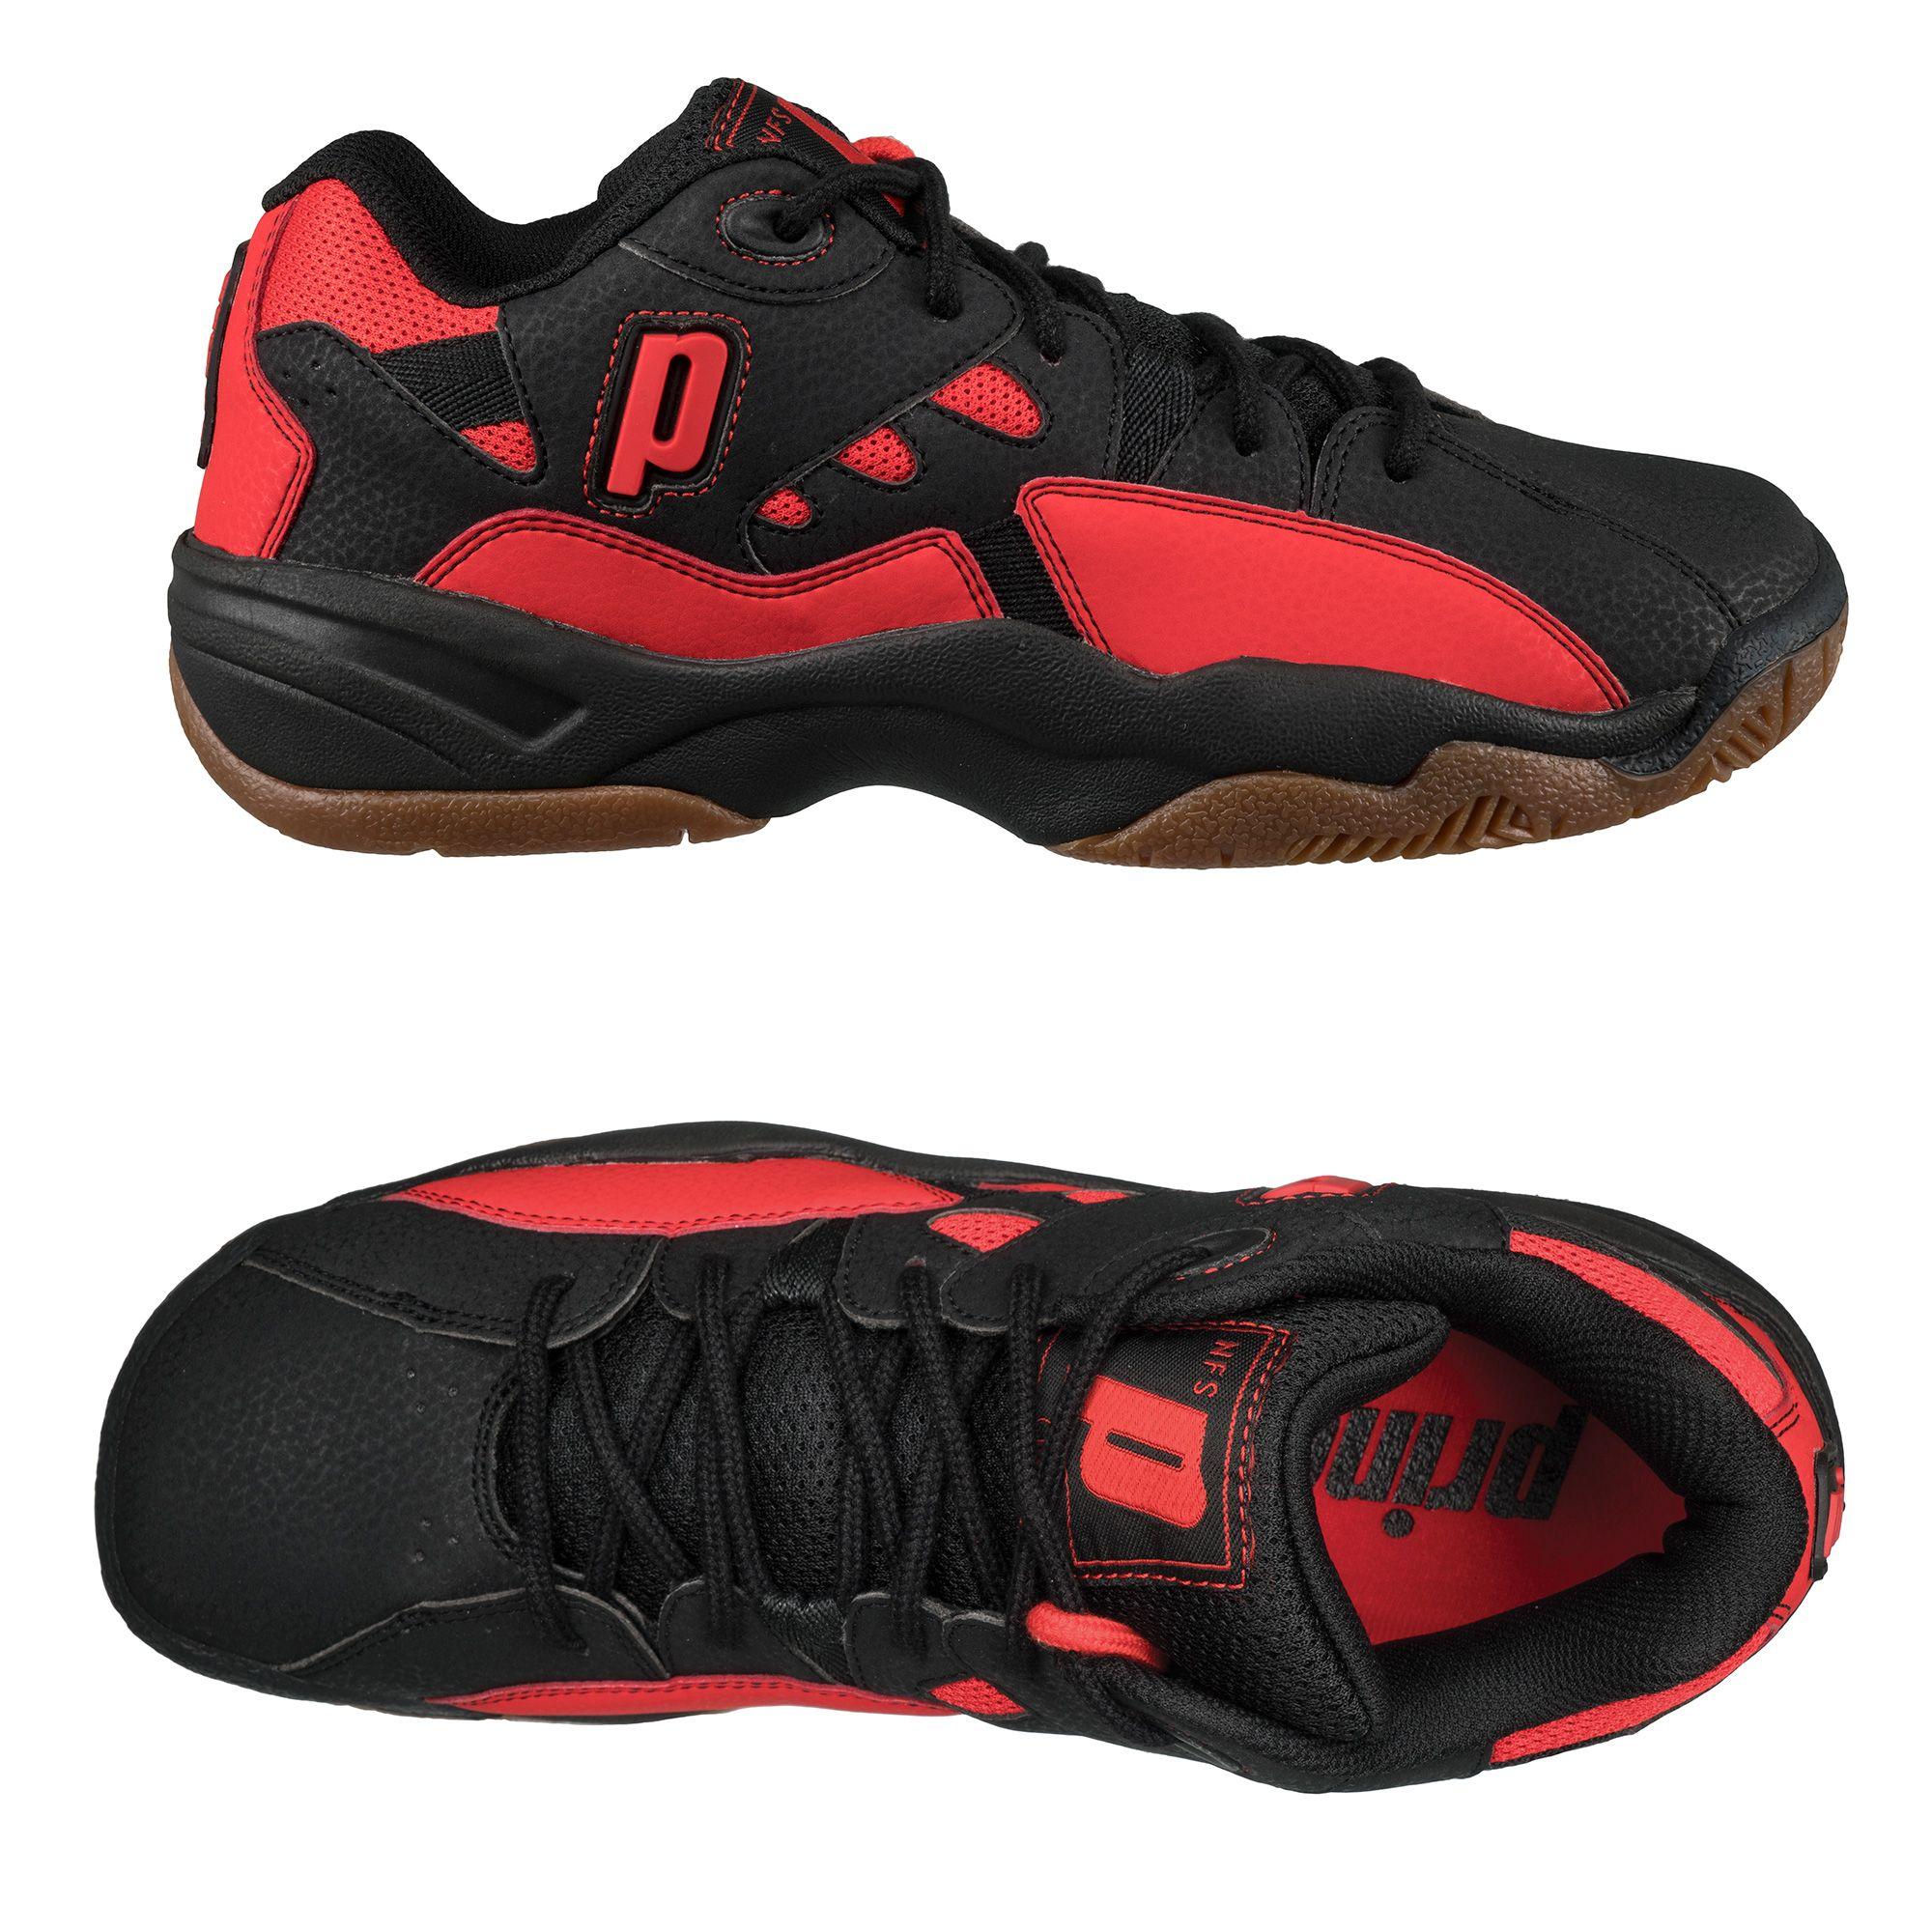 Widest Mens Tennis Shoes